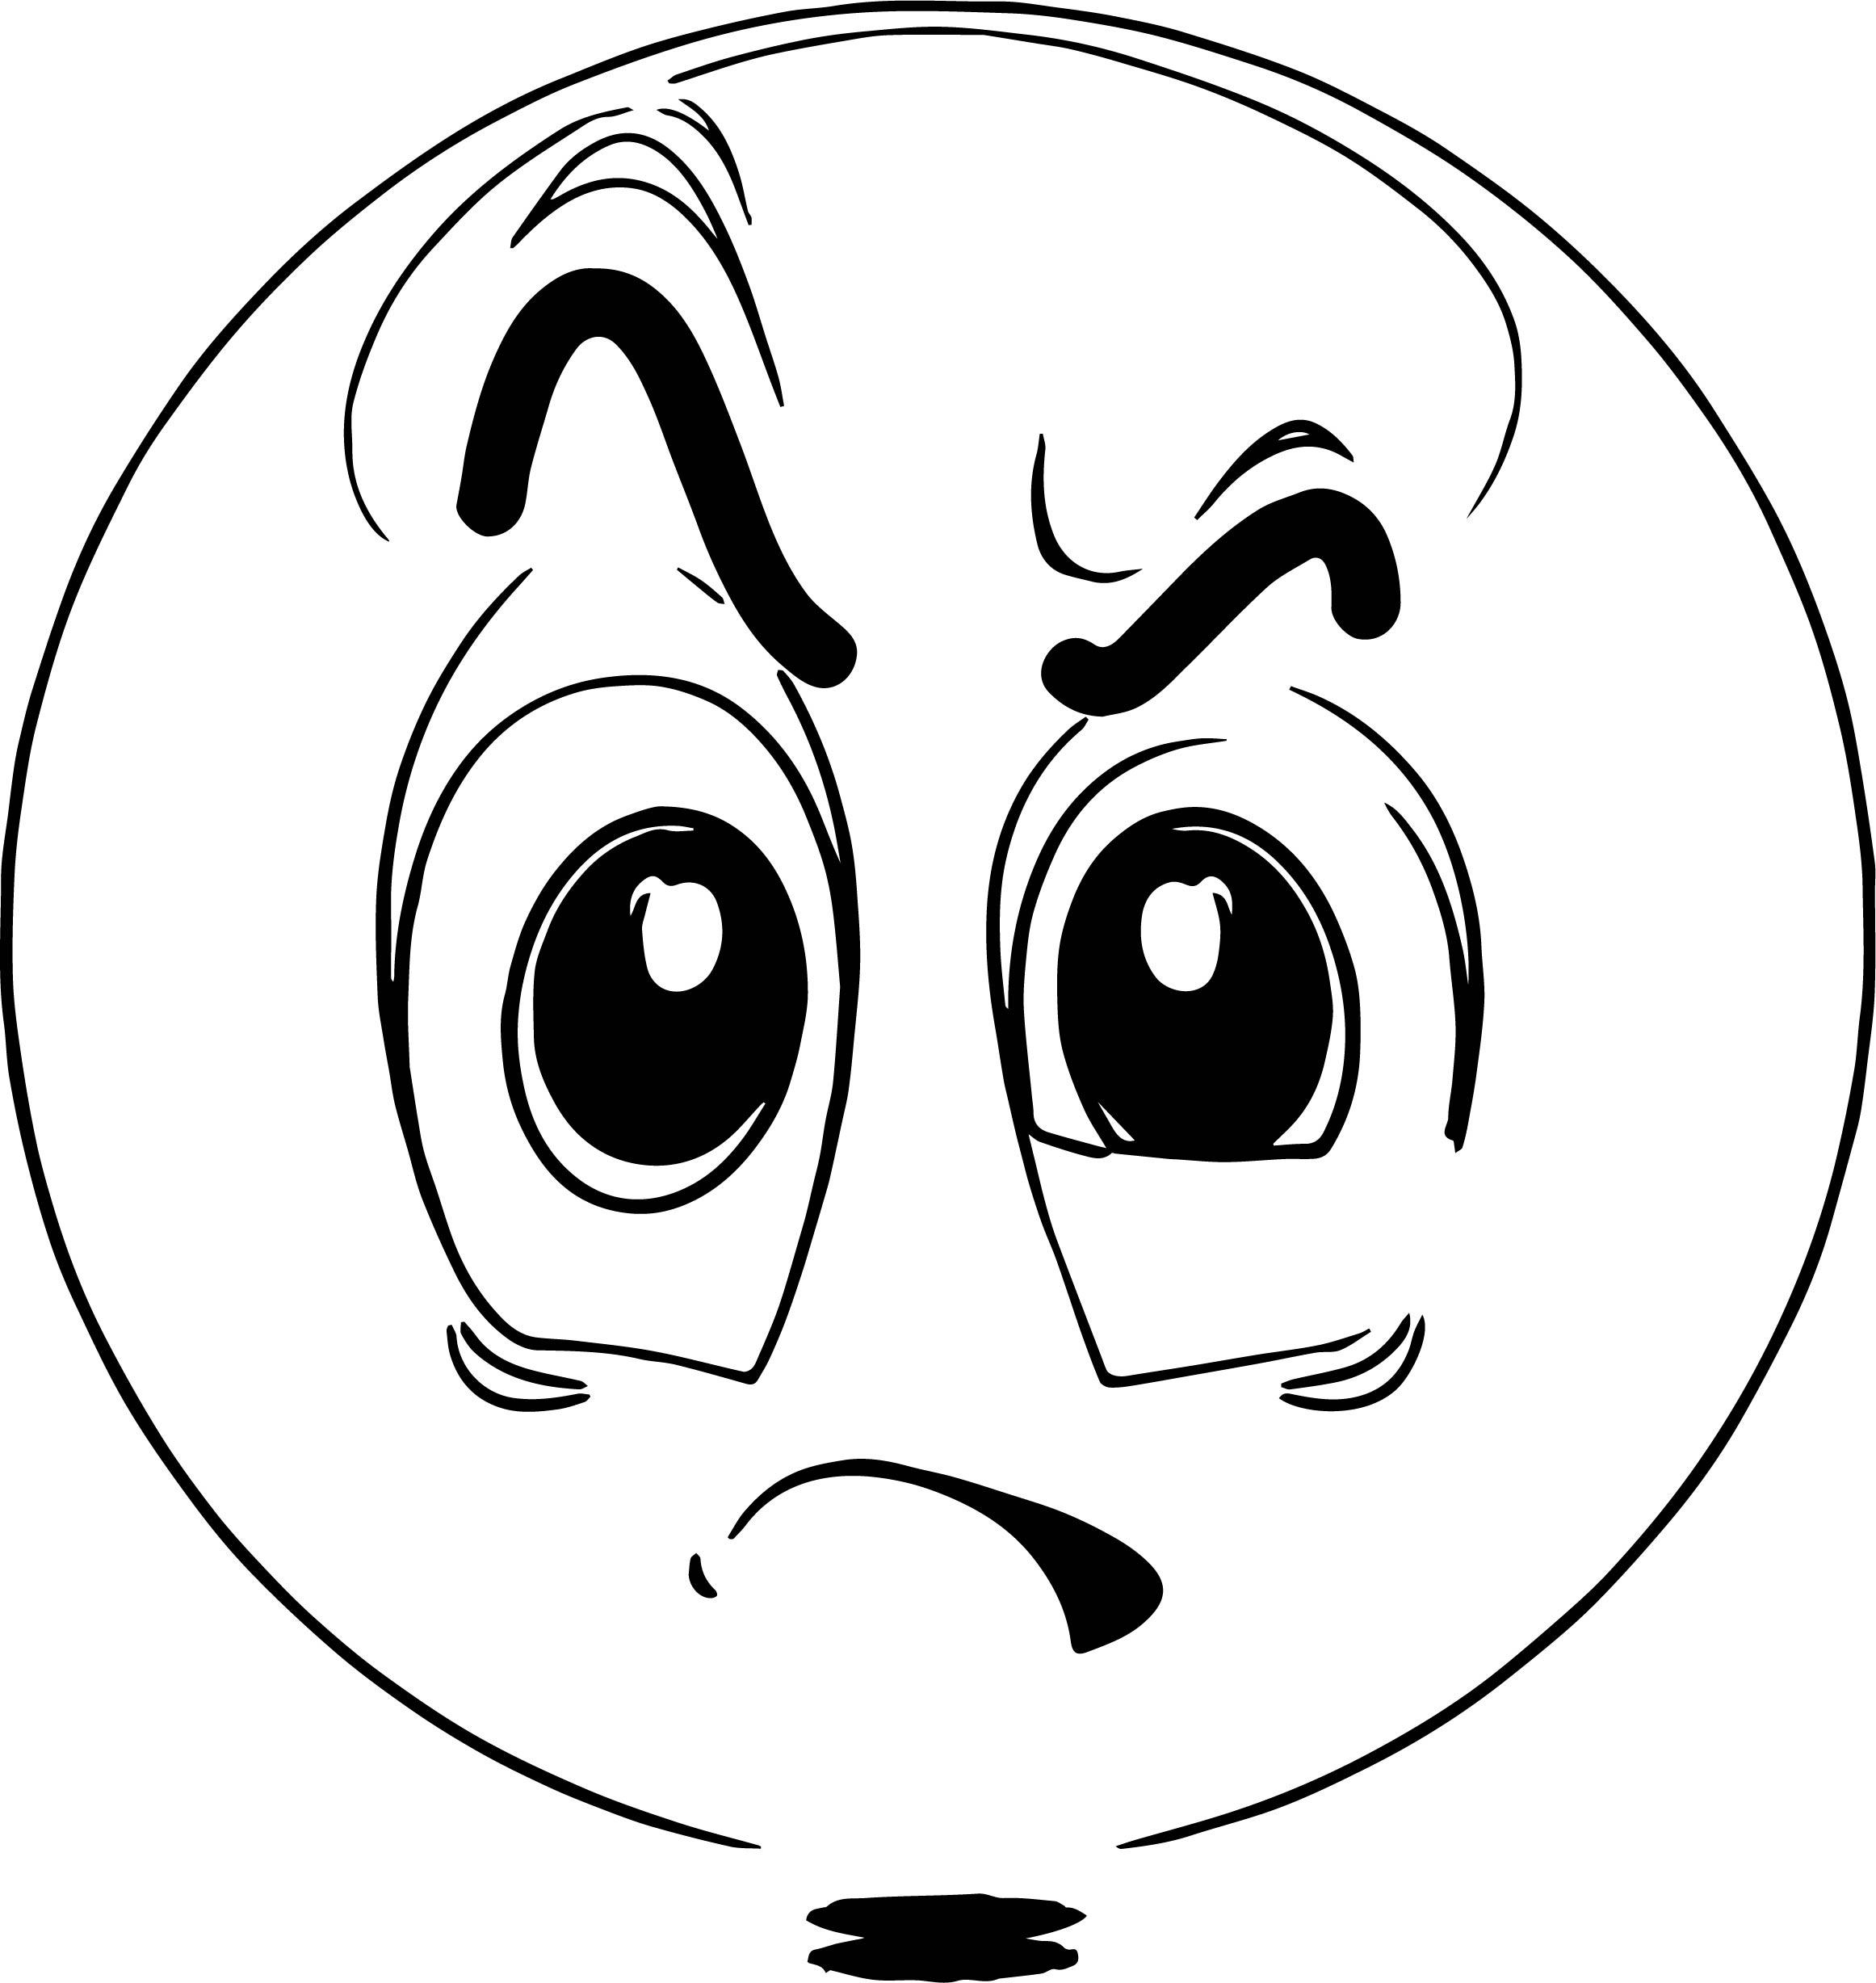 emoticon raising eyebrow coloring page